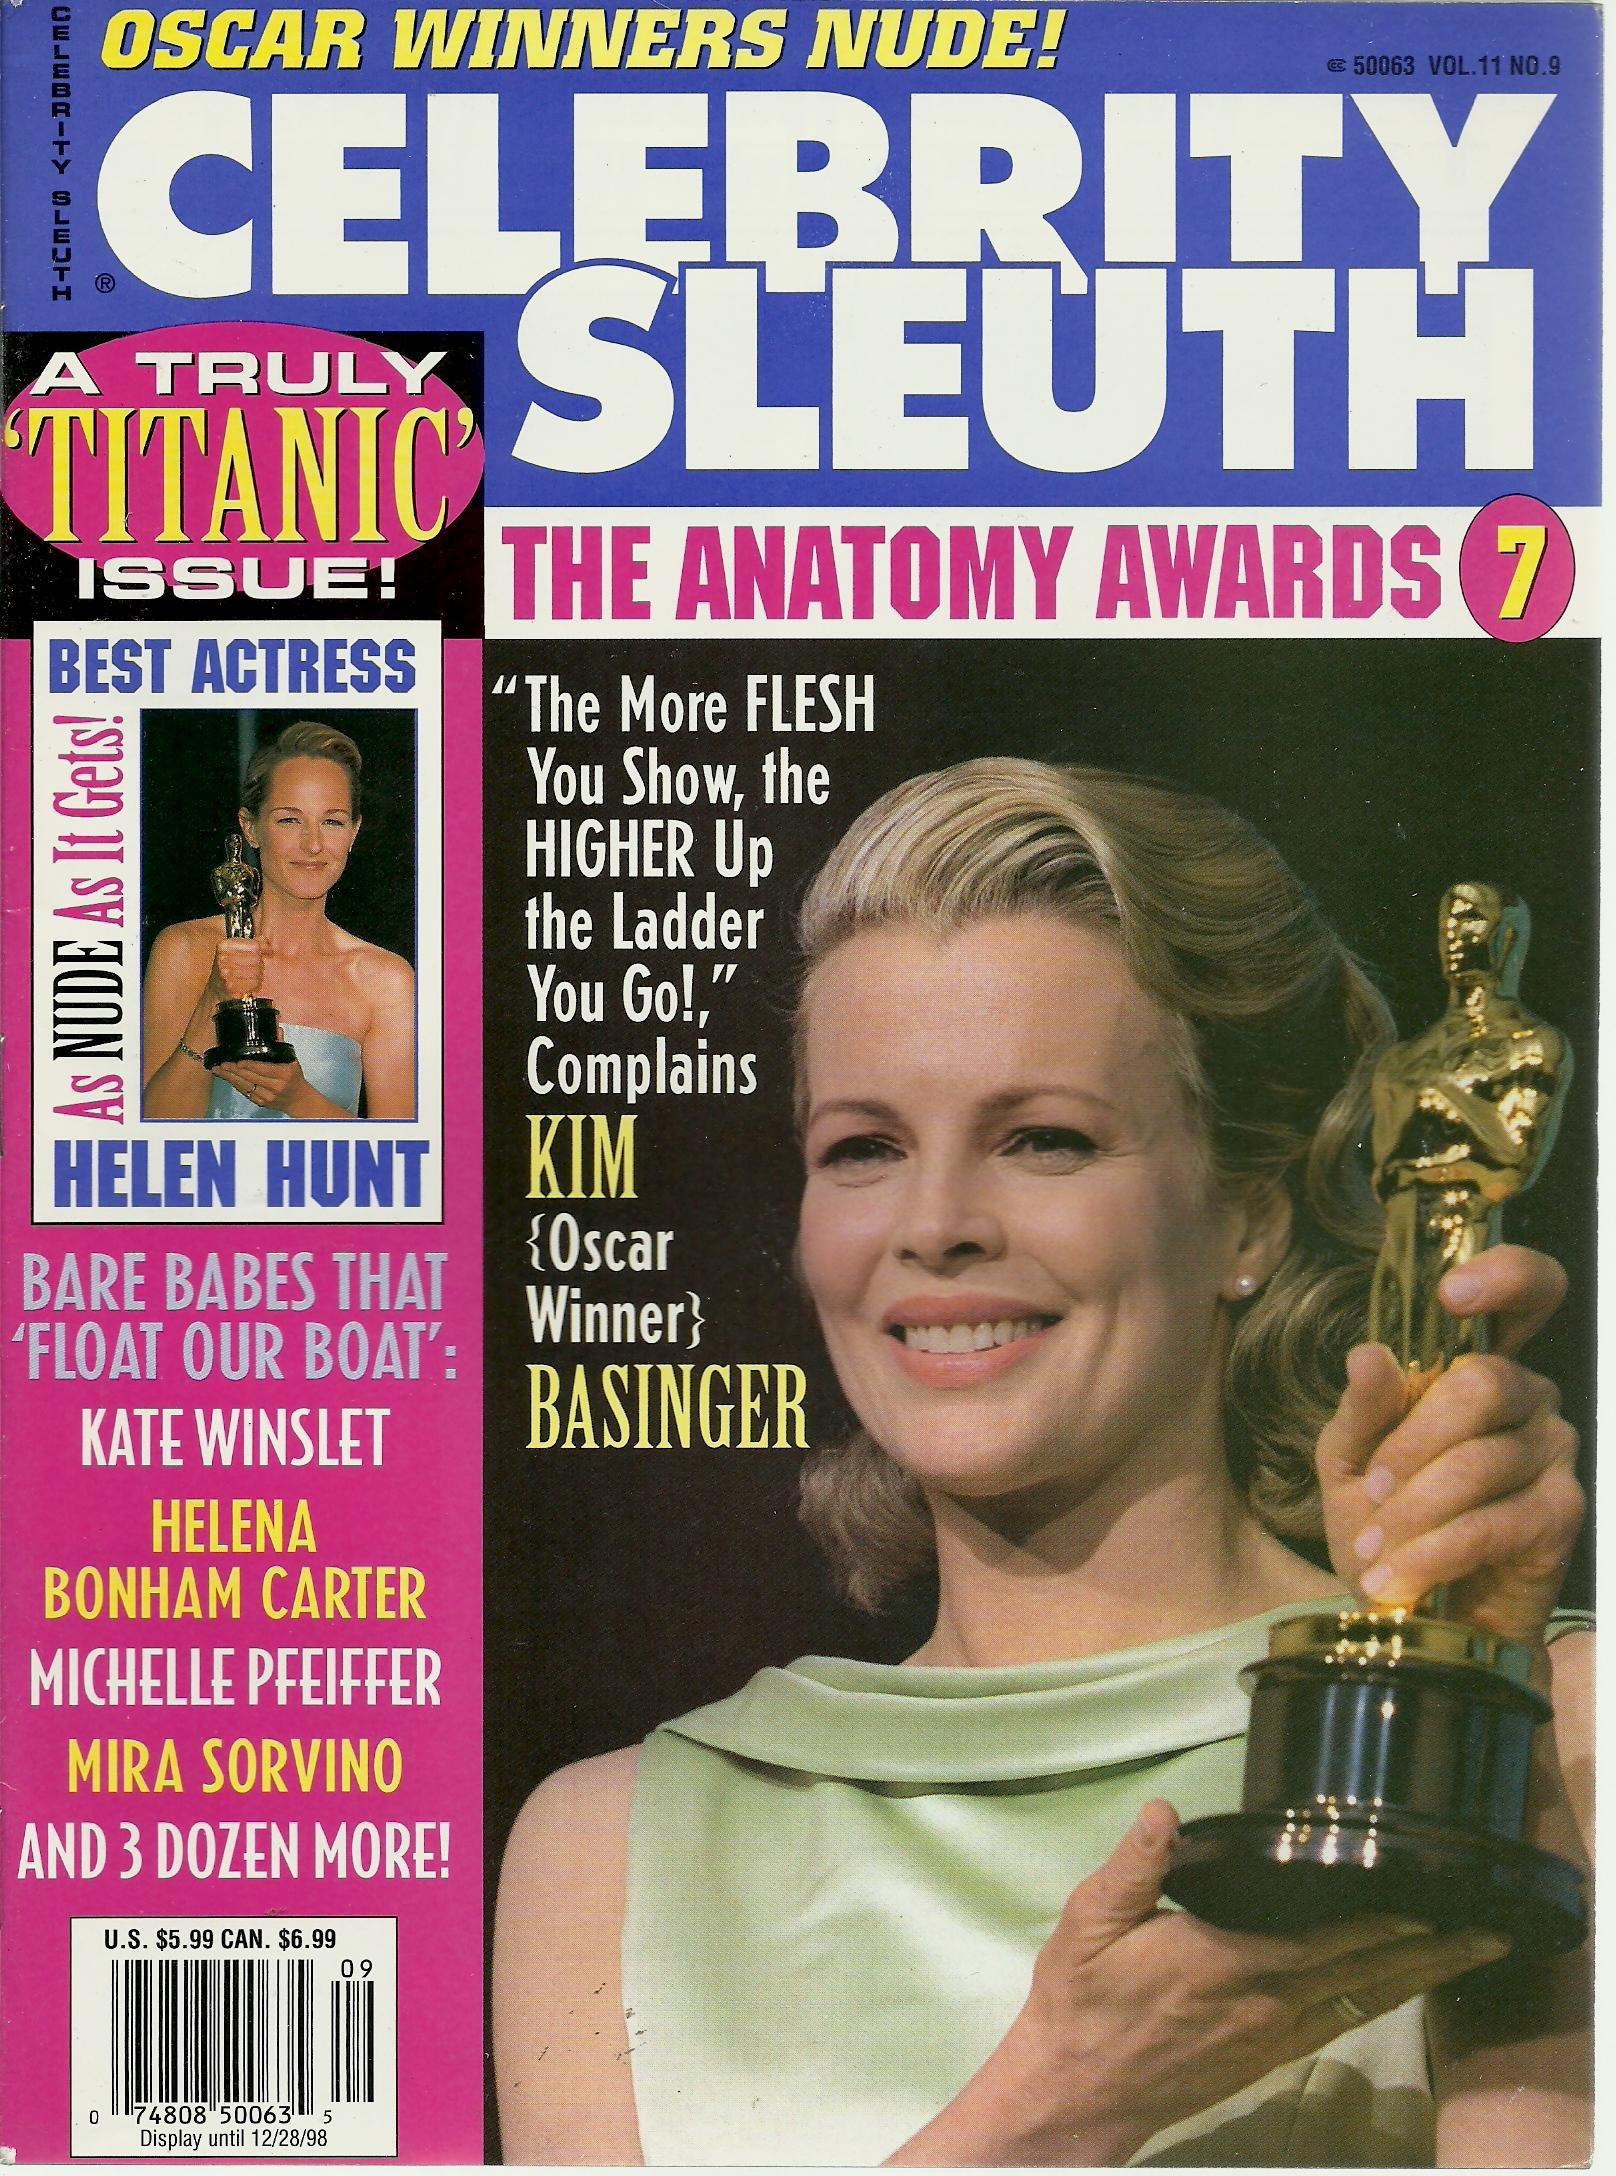 Celebrity Sleuth Vol11 9 The Anatomy Awards 7 Oscar Winners